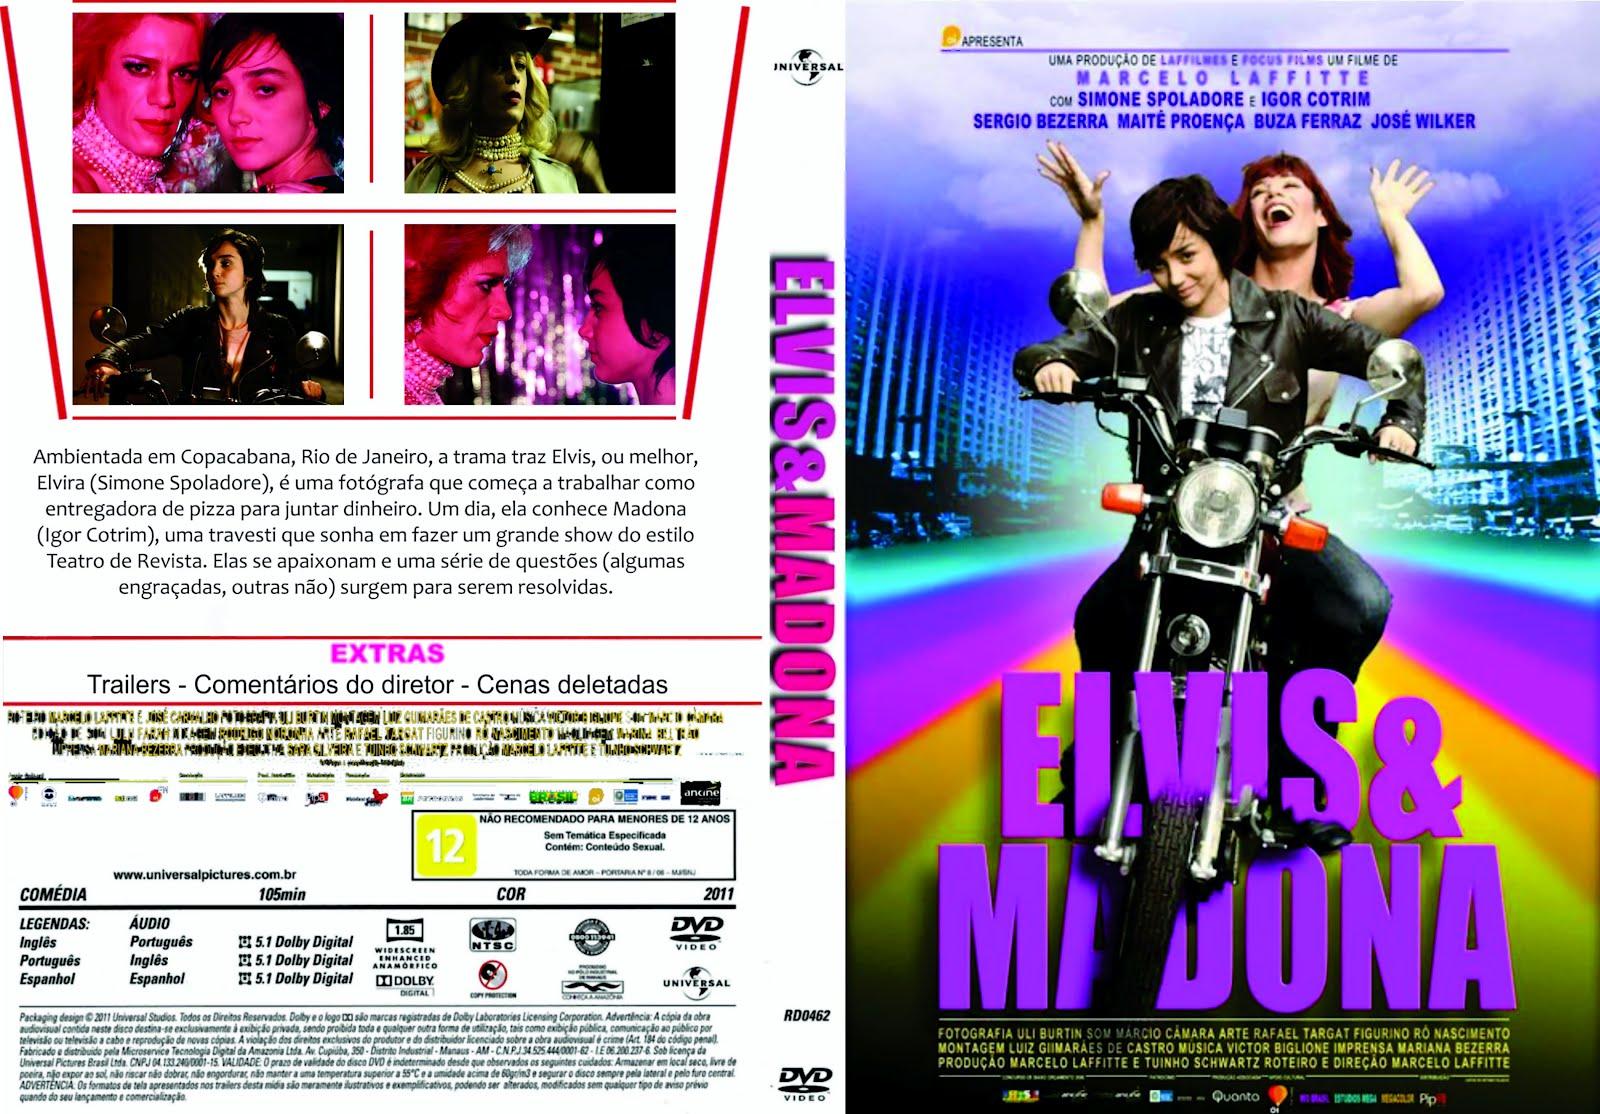 http://4.bp.blogspot.com/-WWd59tdQBig/UBEj9NXMhVI/AAAAAAAAJD4/jPs9hzYQobM/s1600/Elvis%2B%2526%2BMadona.jpg